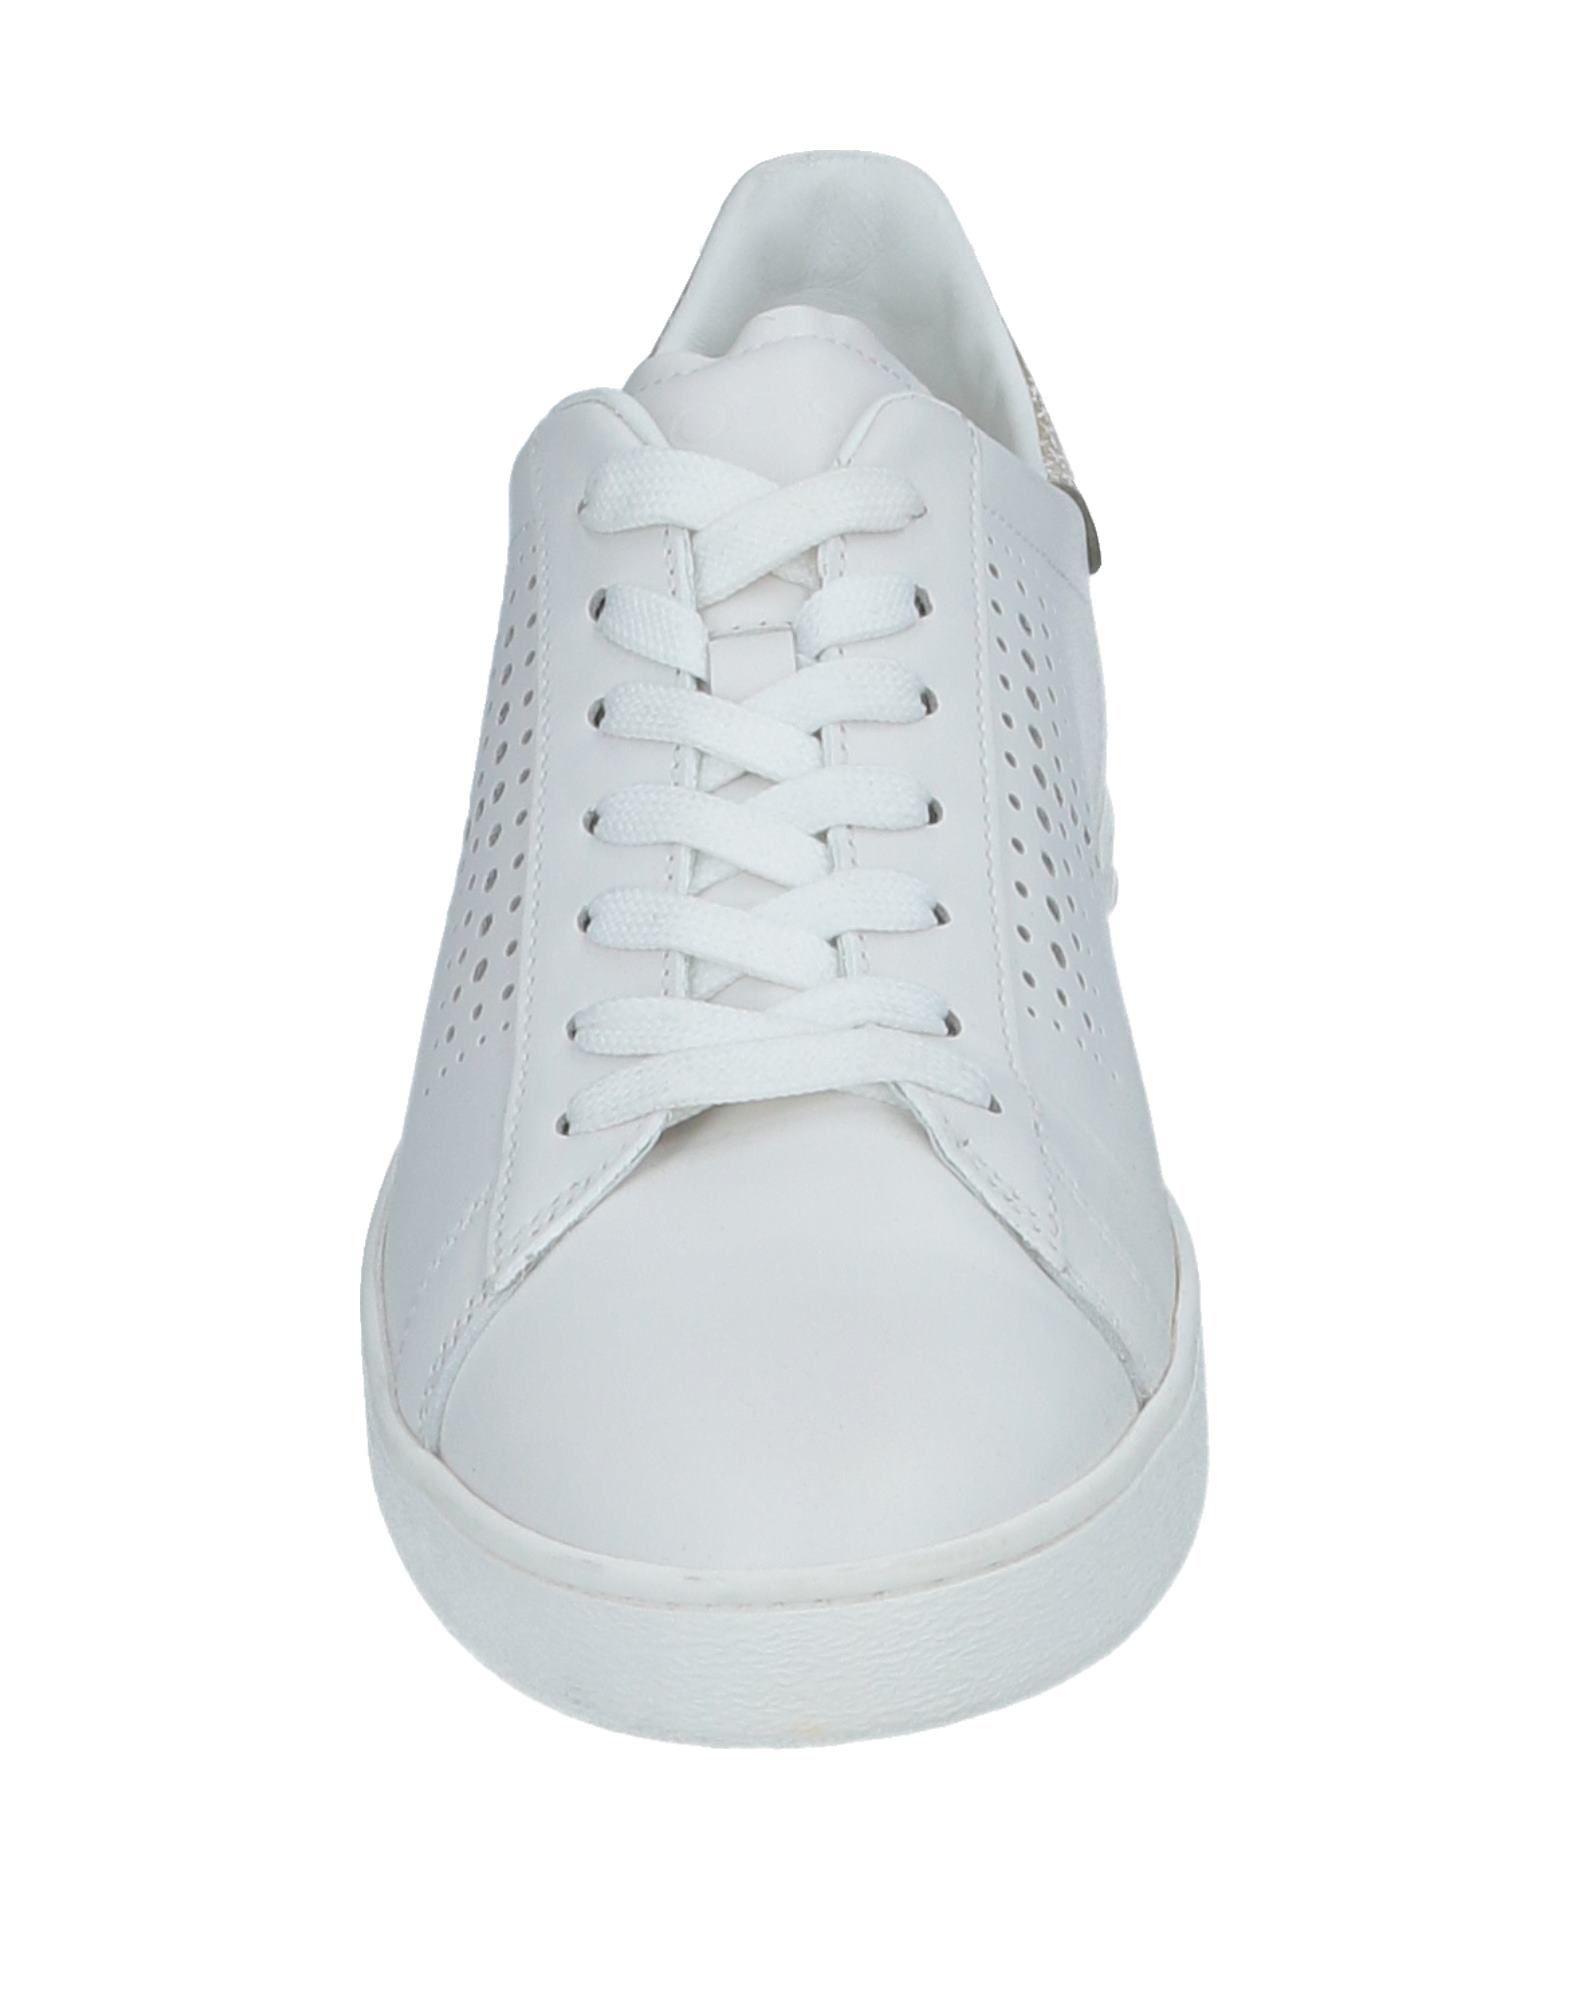 Rabatt Tod's Schuhe Tod's Rabatt Sneakers Damen  11508204VL 9e0af1